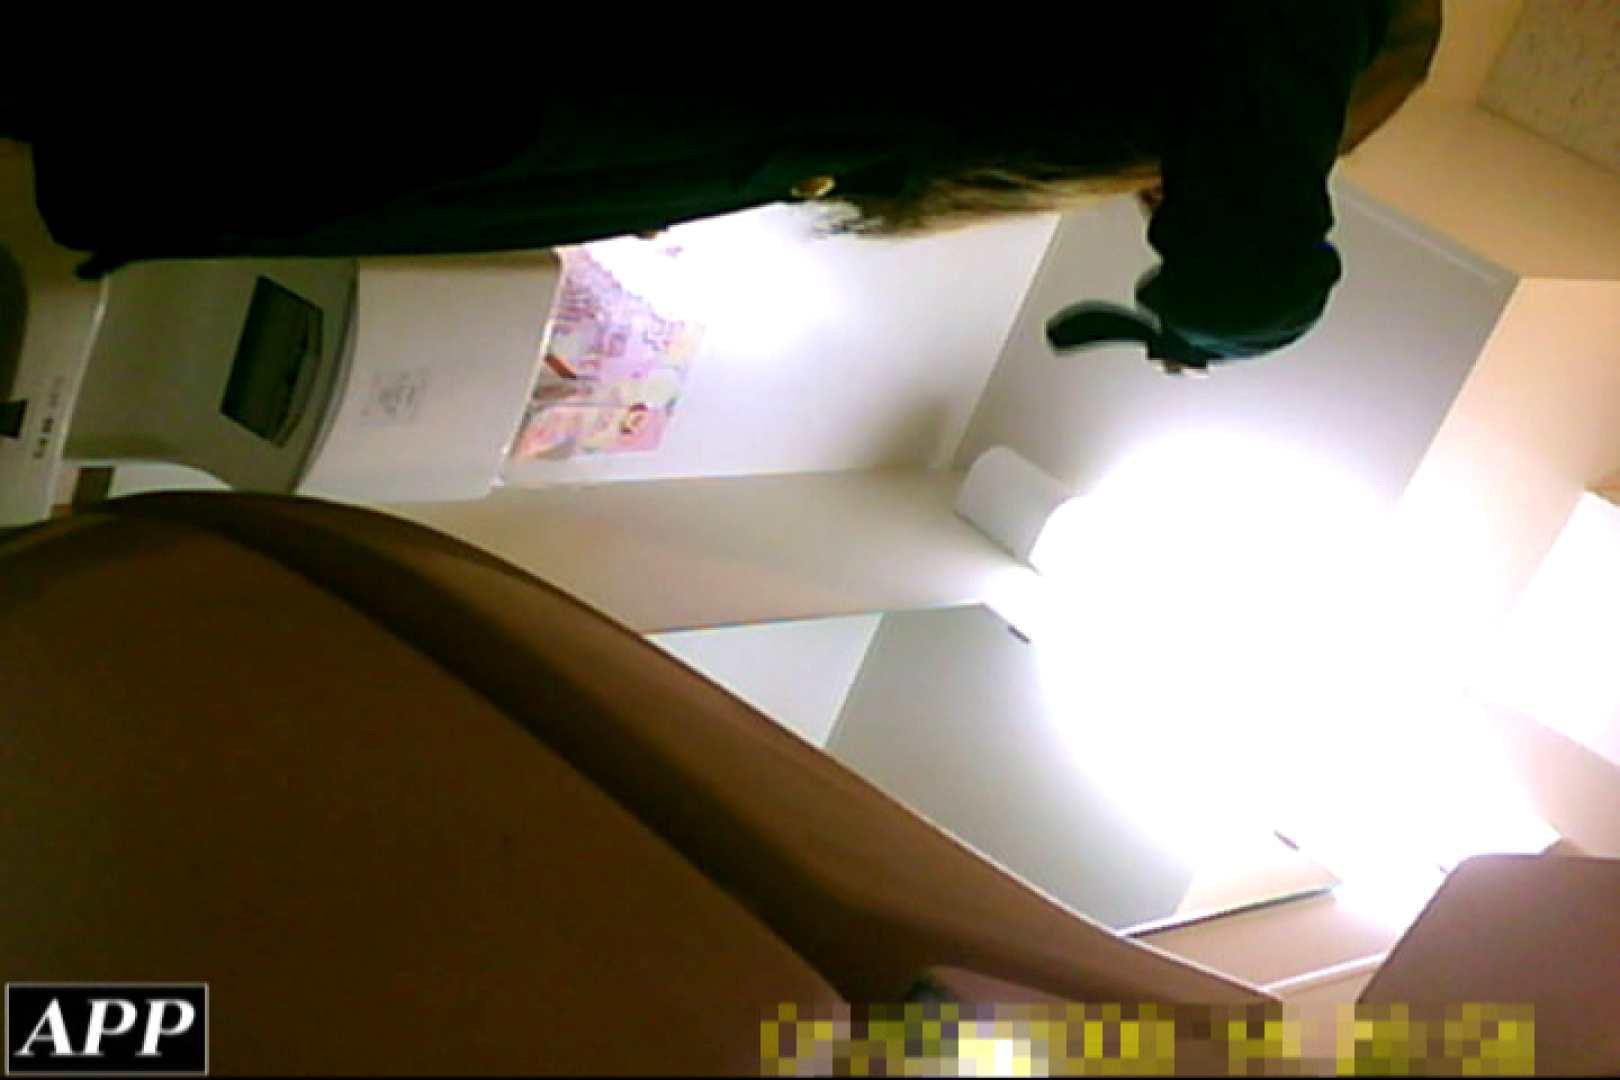 3視点洗面所 vol.147 マンコ オマンコ動画キャプチャ 84画像 25